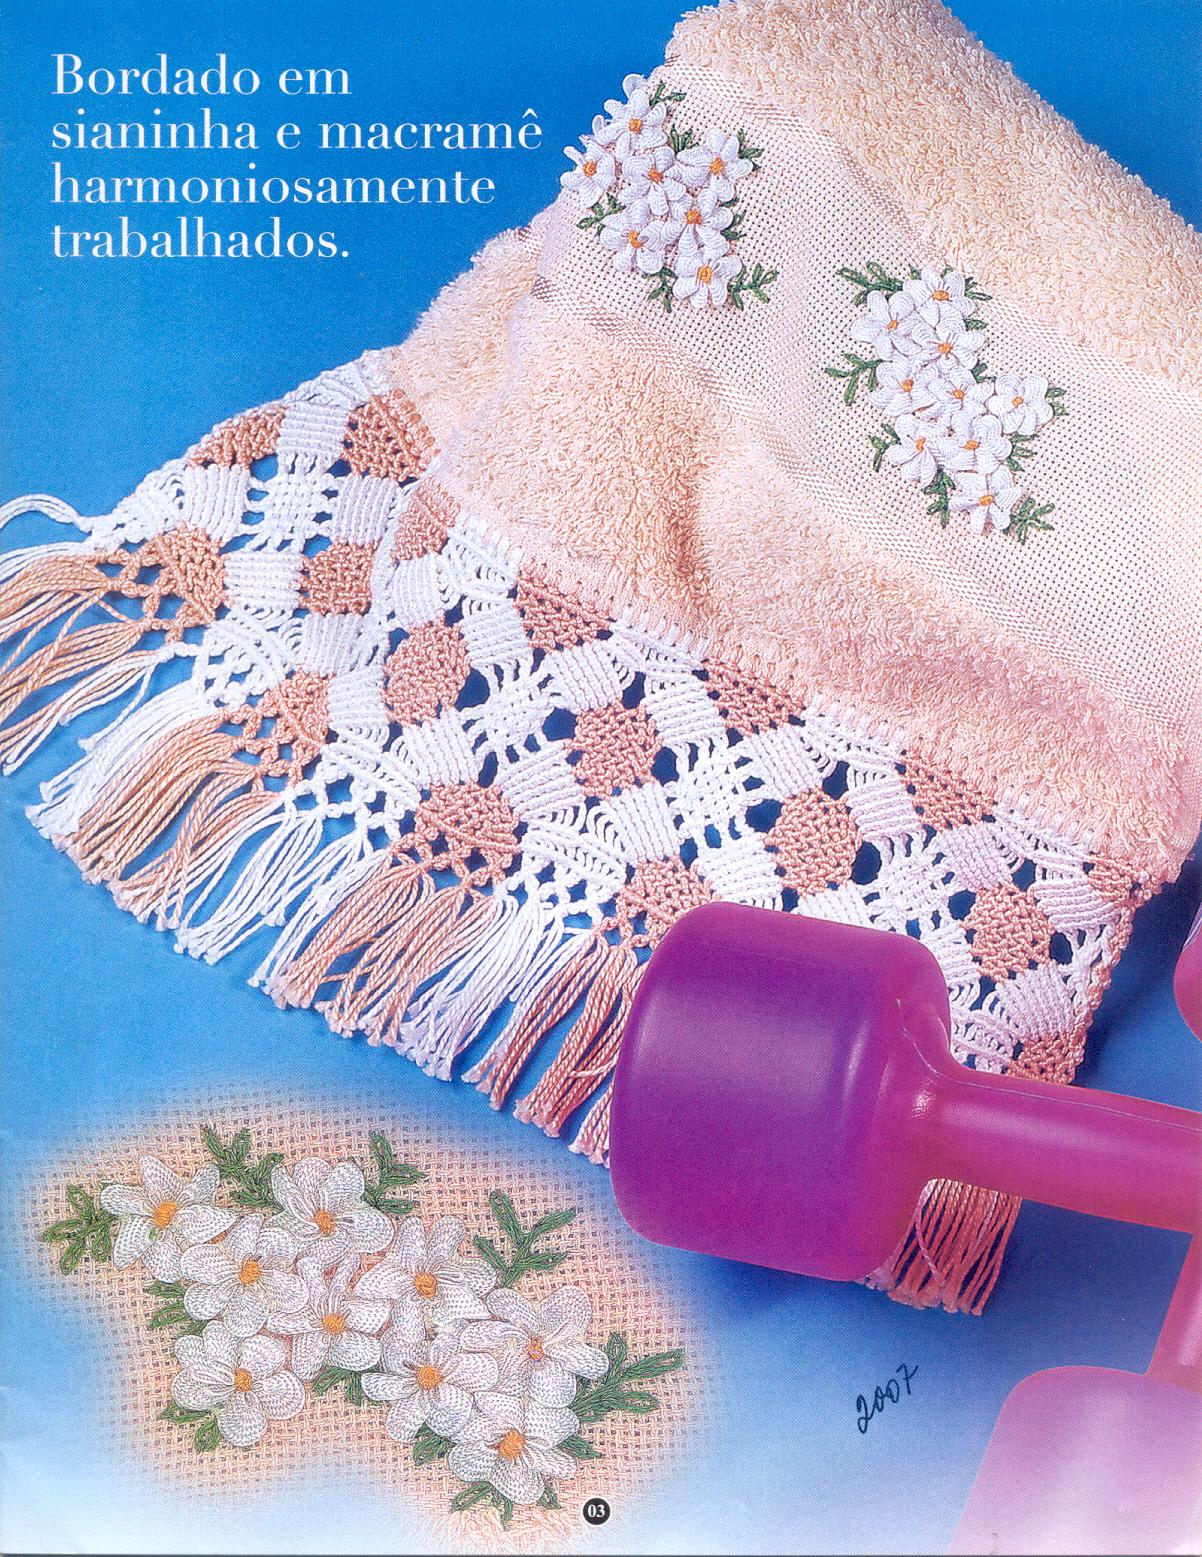 MACRAMÉ: decorar toallas con esta técnica « Variasmanualidades\'s Blog